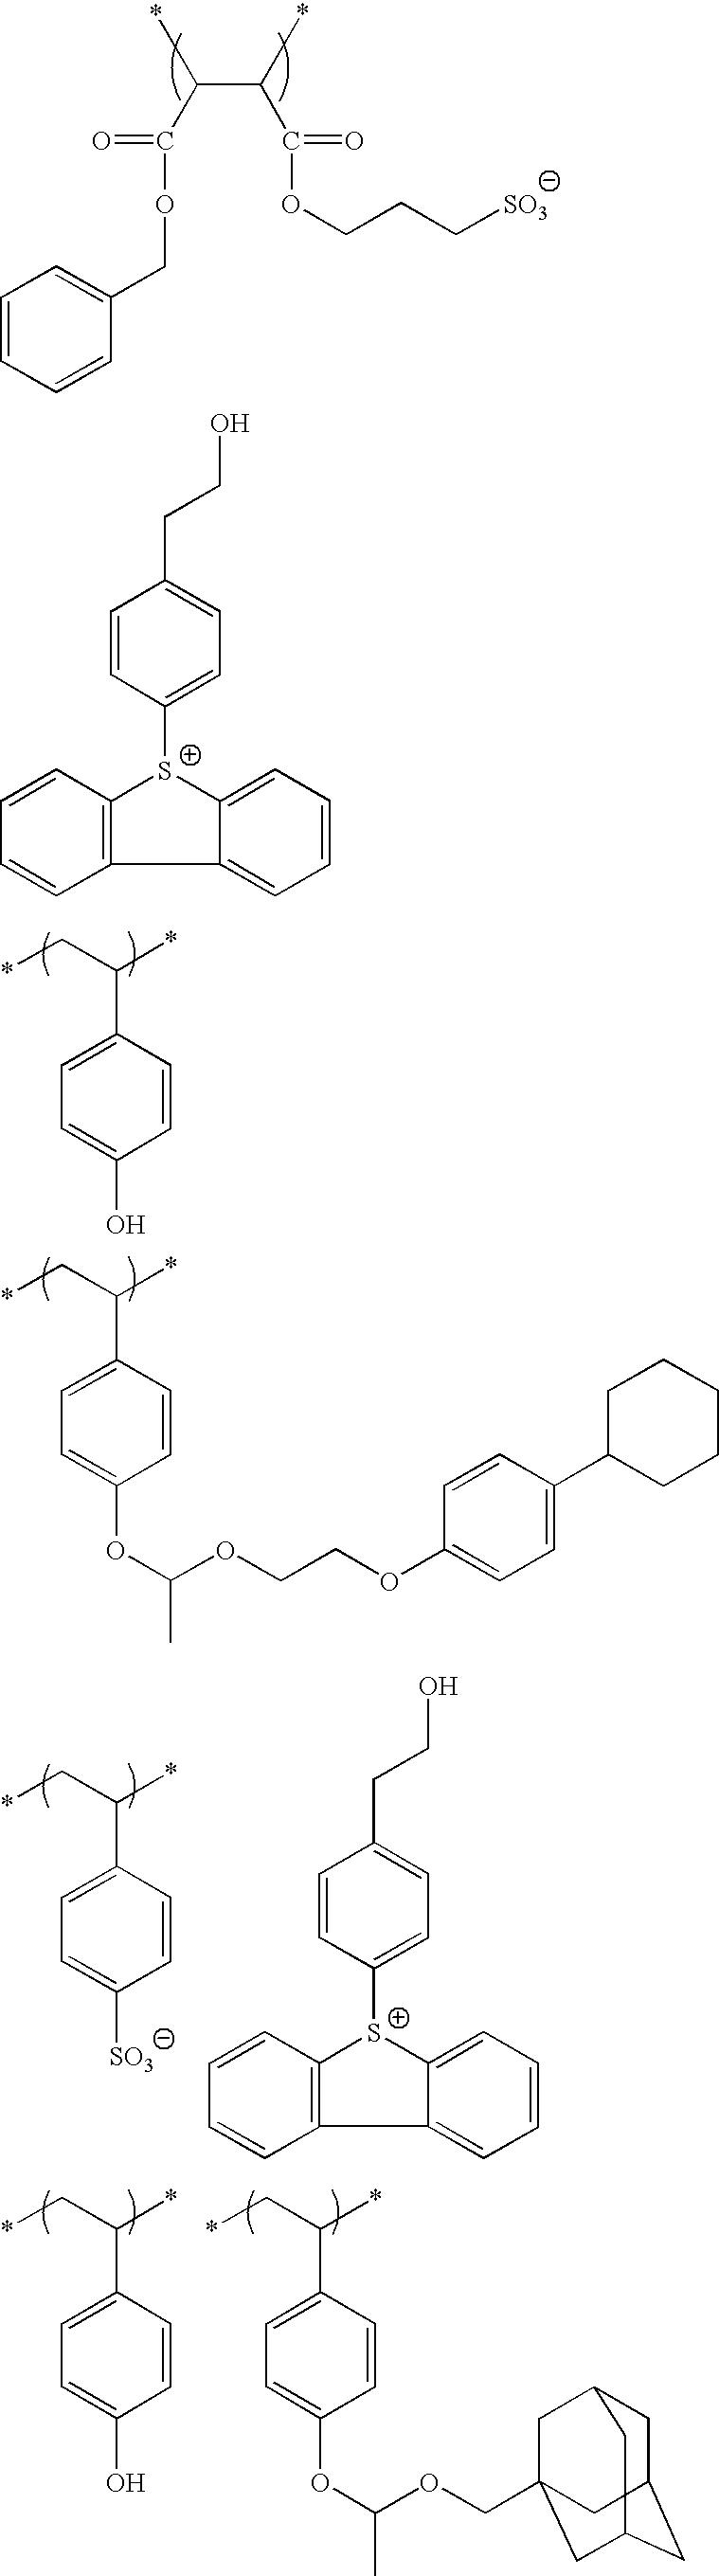 Figure US20100183975A1-20100722-C00162